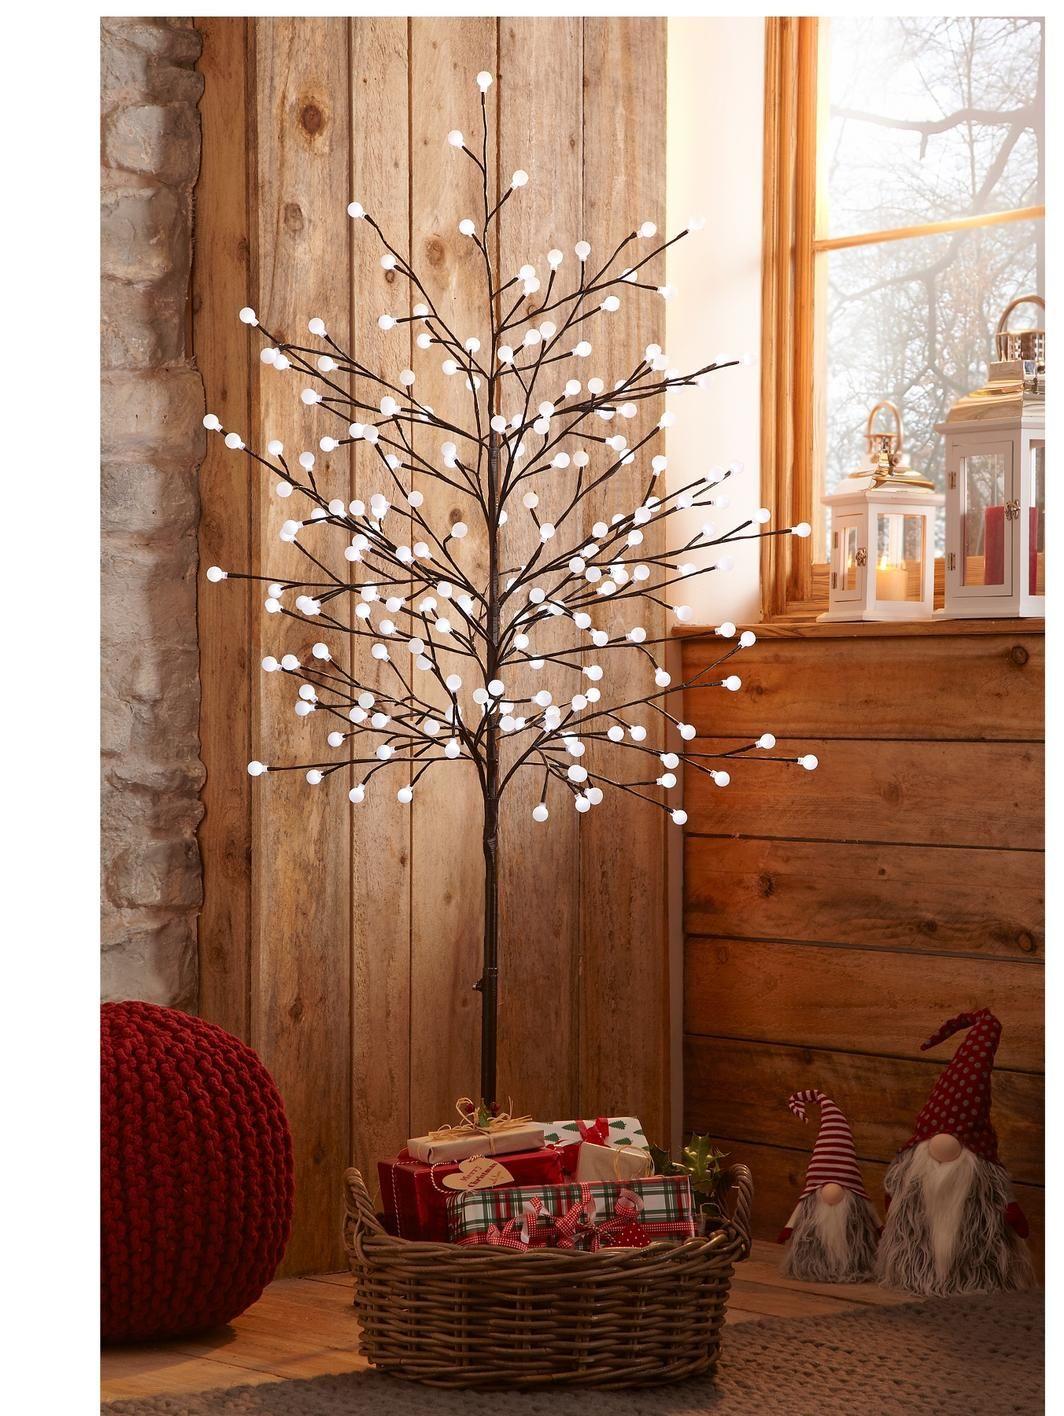 6ft Pre Lit Twig Christmas Tree Hacer Arbol De Navidad Arboles De Navidad Creativos Arboles De Navidad Con Ramas Secas